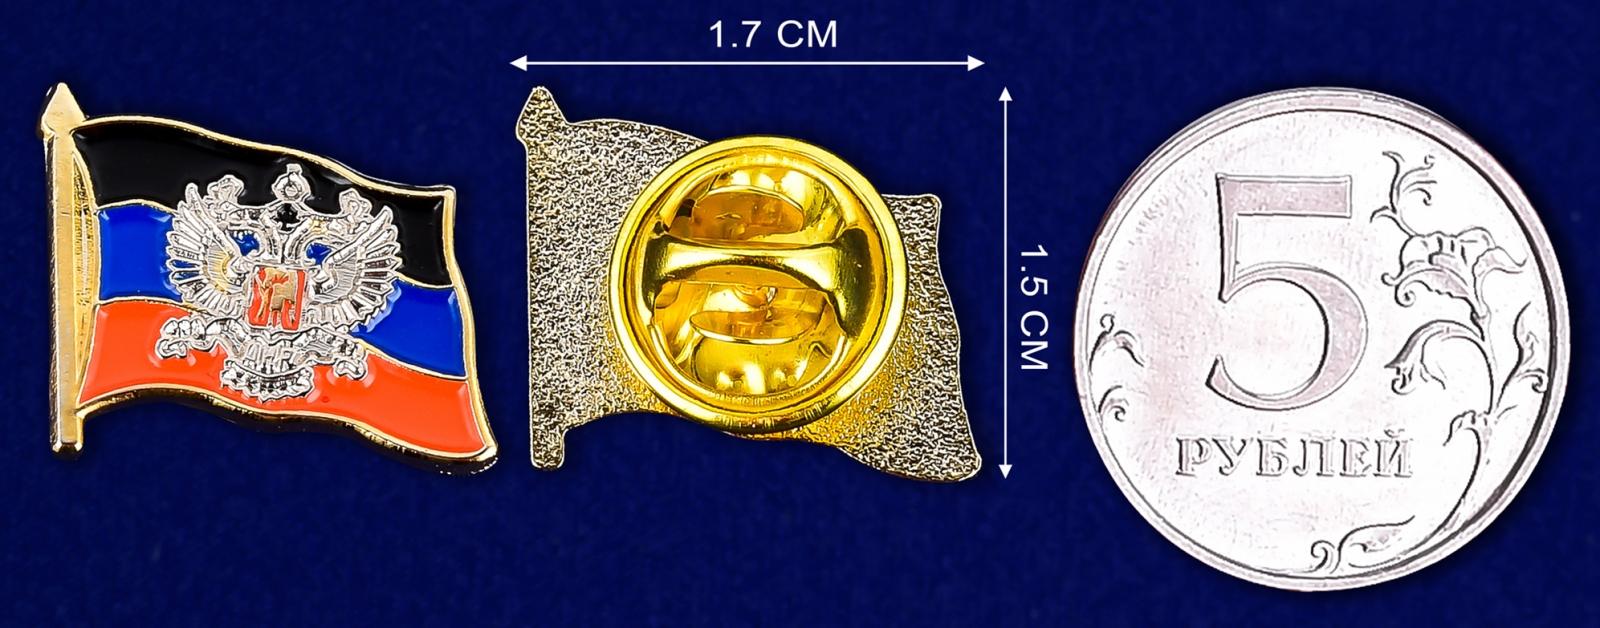 Значок ДНР с гербом - сравнительный размер